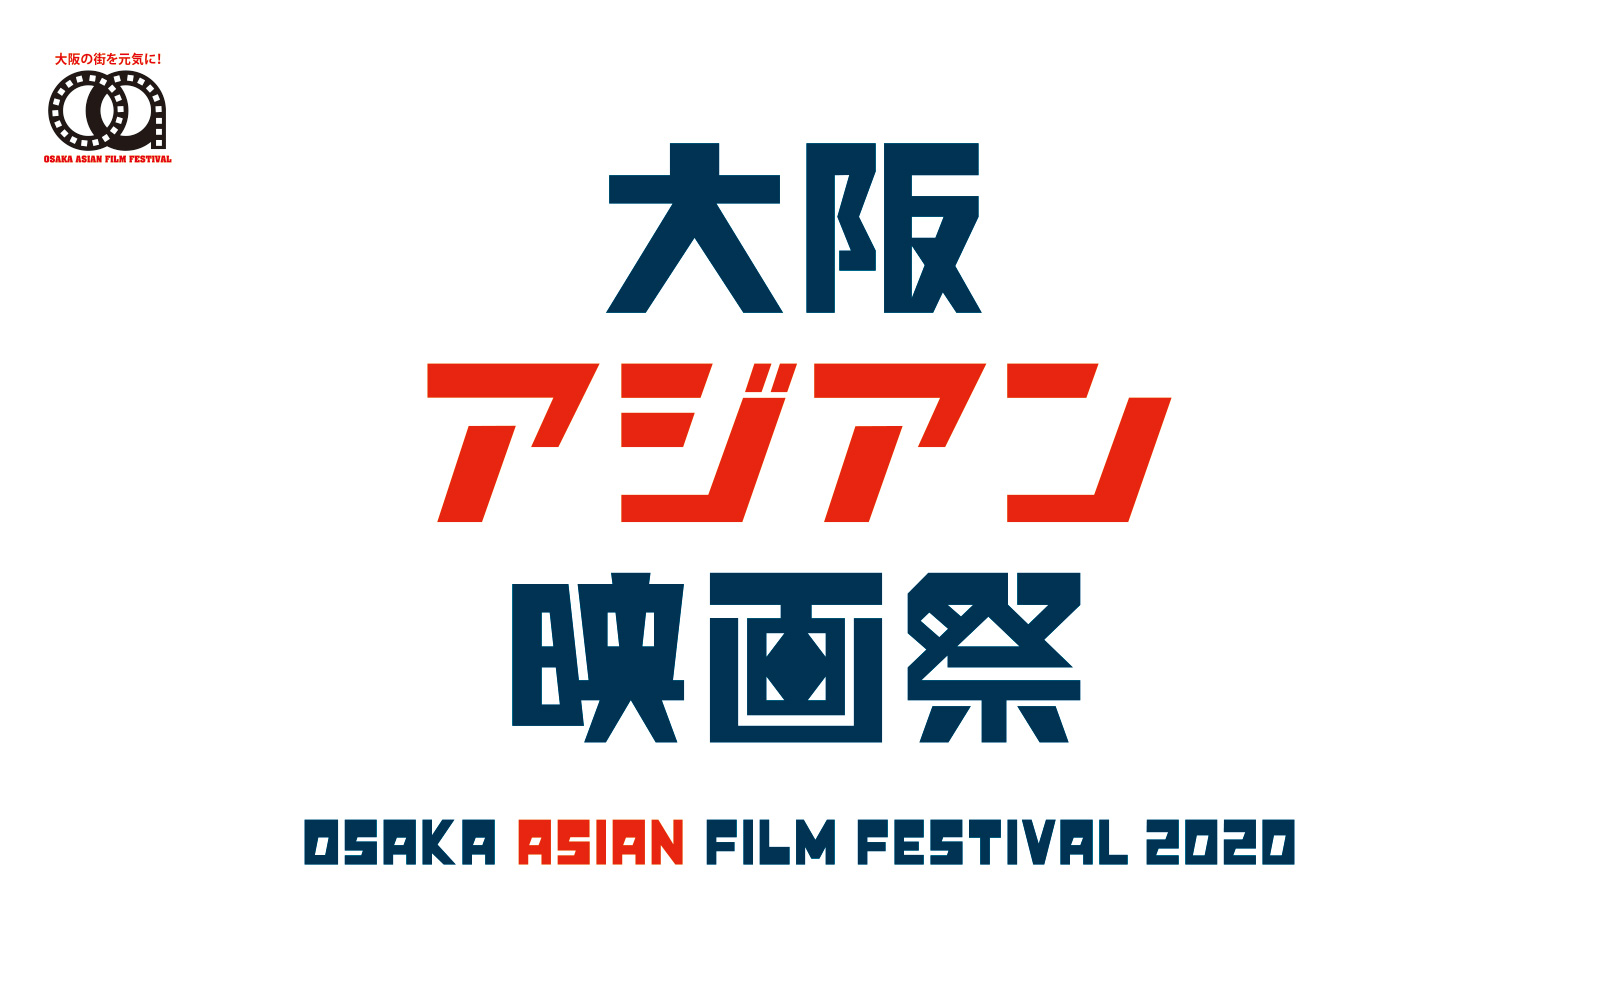 第15回 大阪アジアン映画祭2020